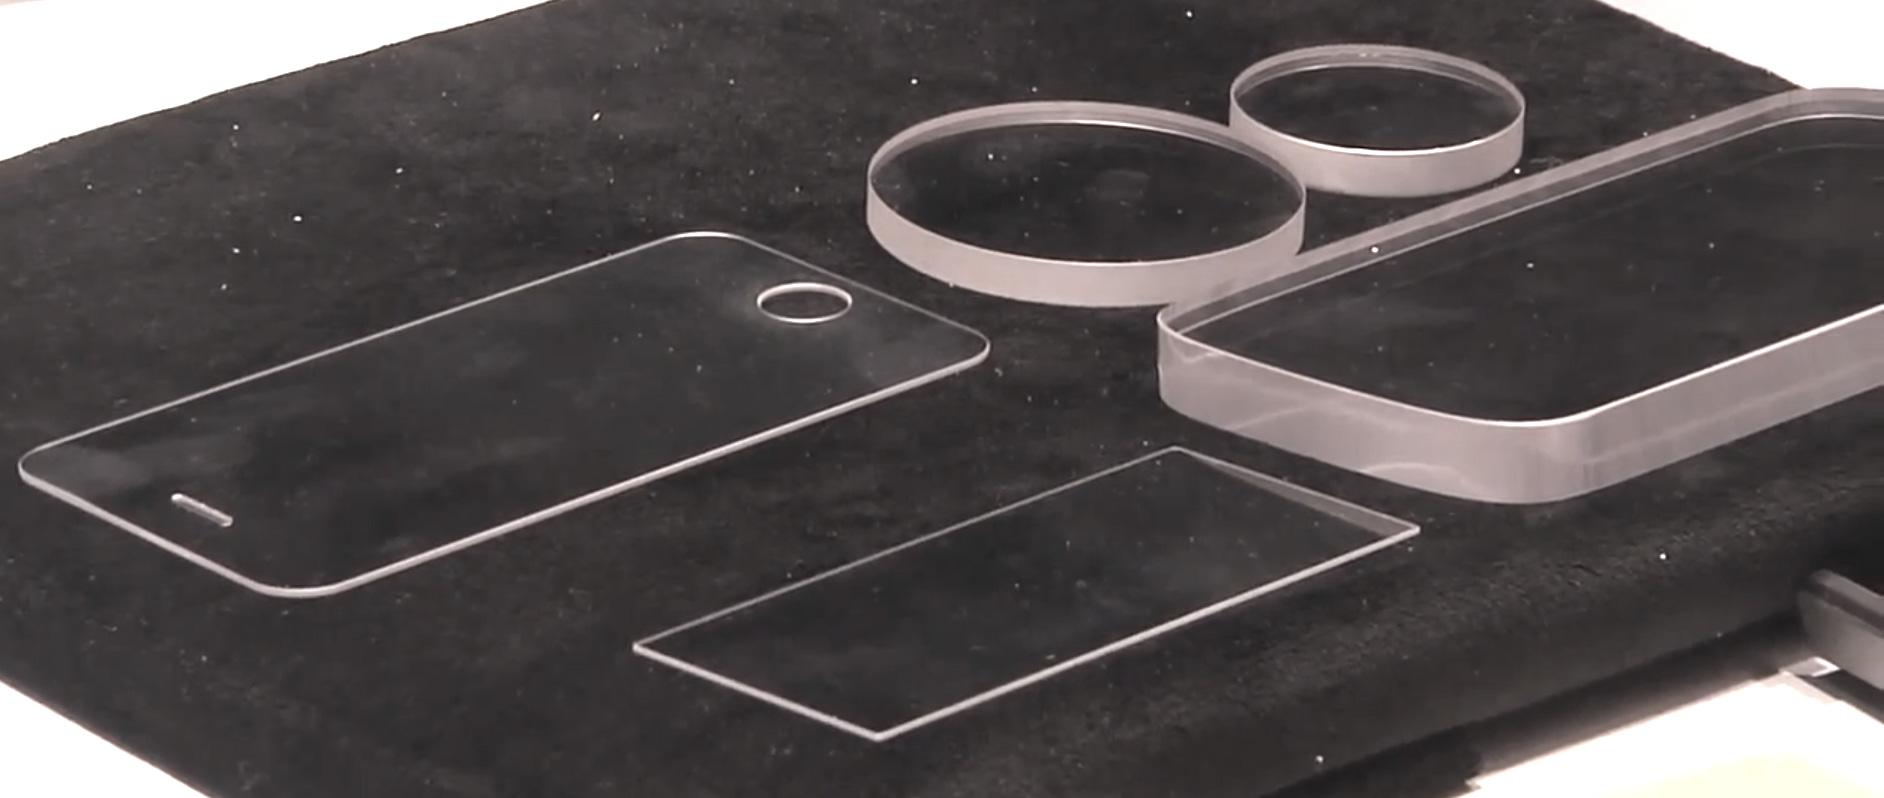 pantalls de zafiro de GT Advanced technologies